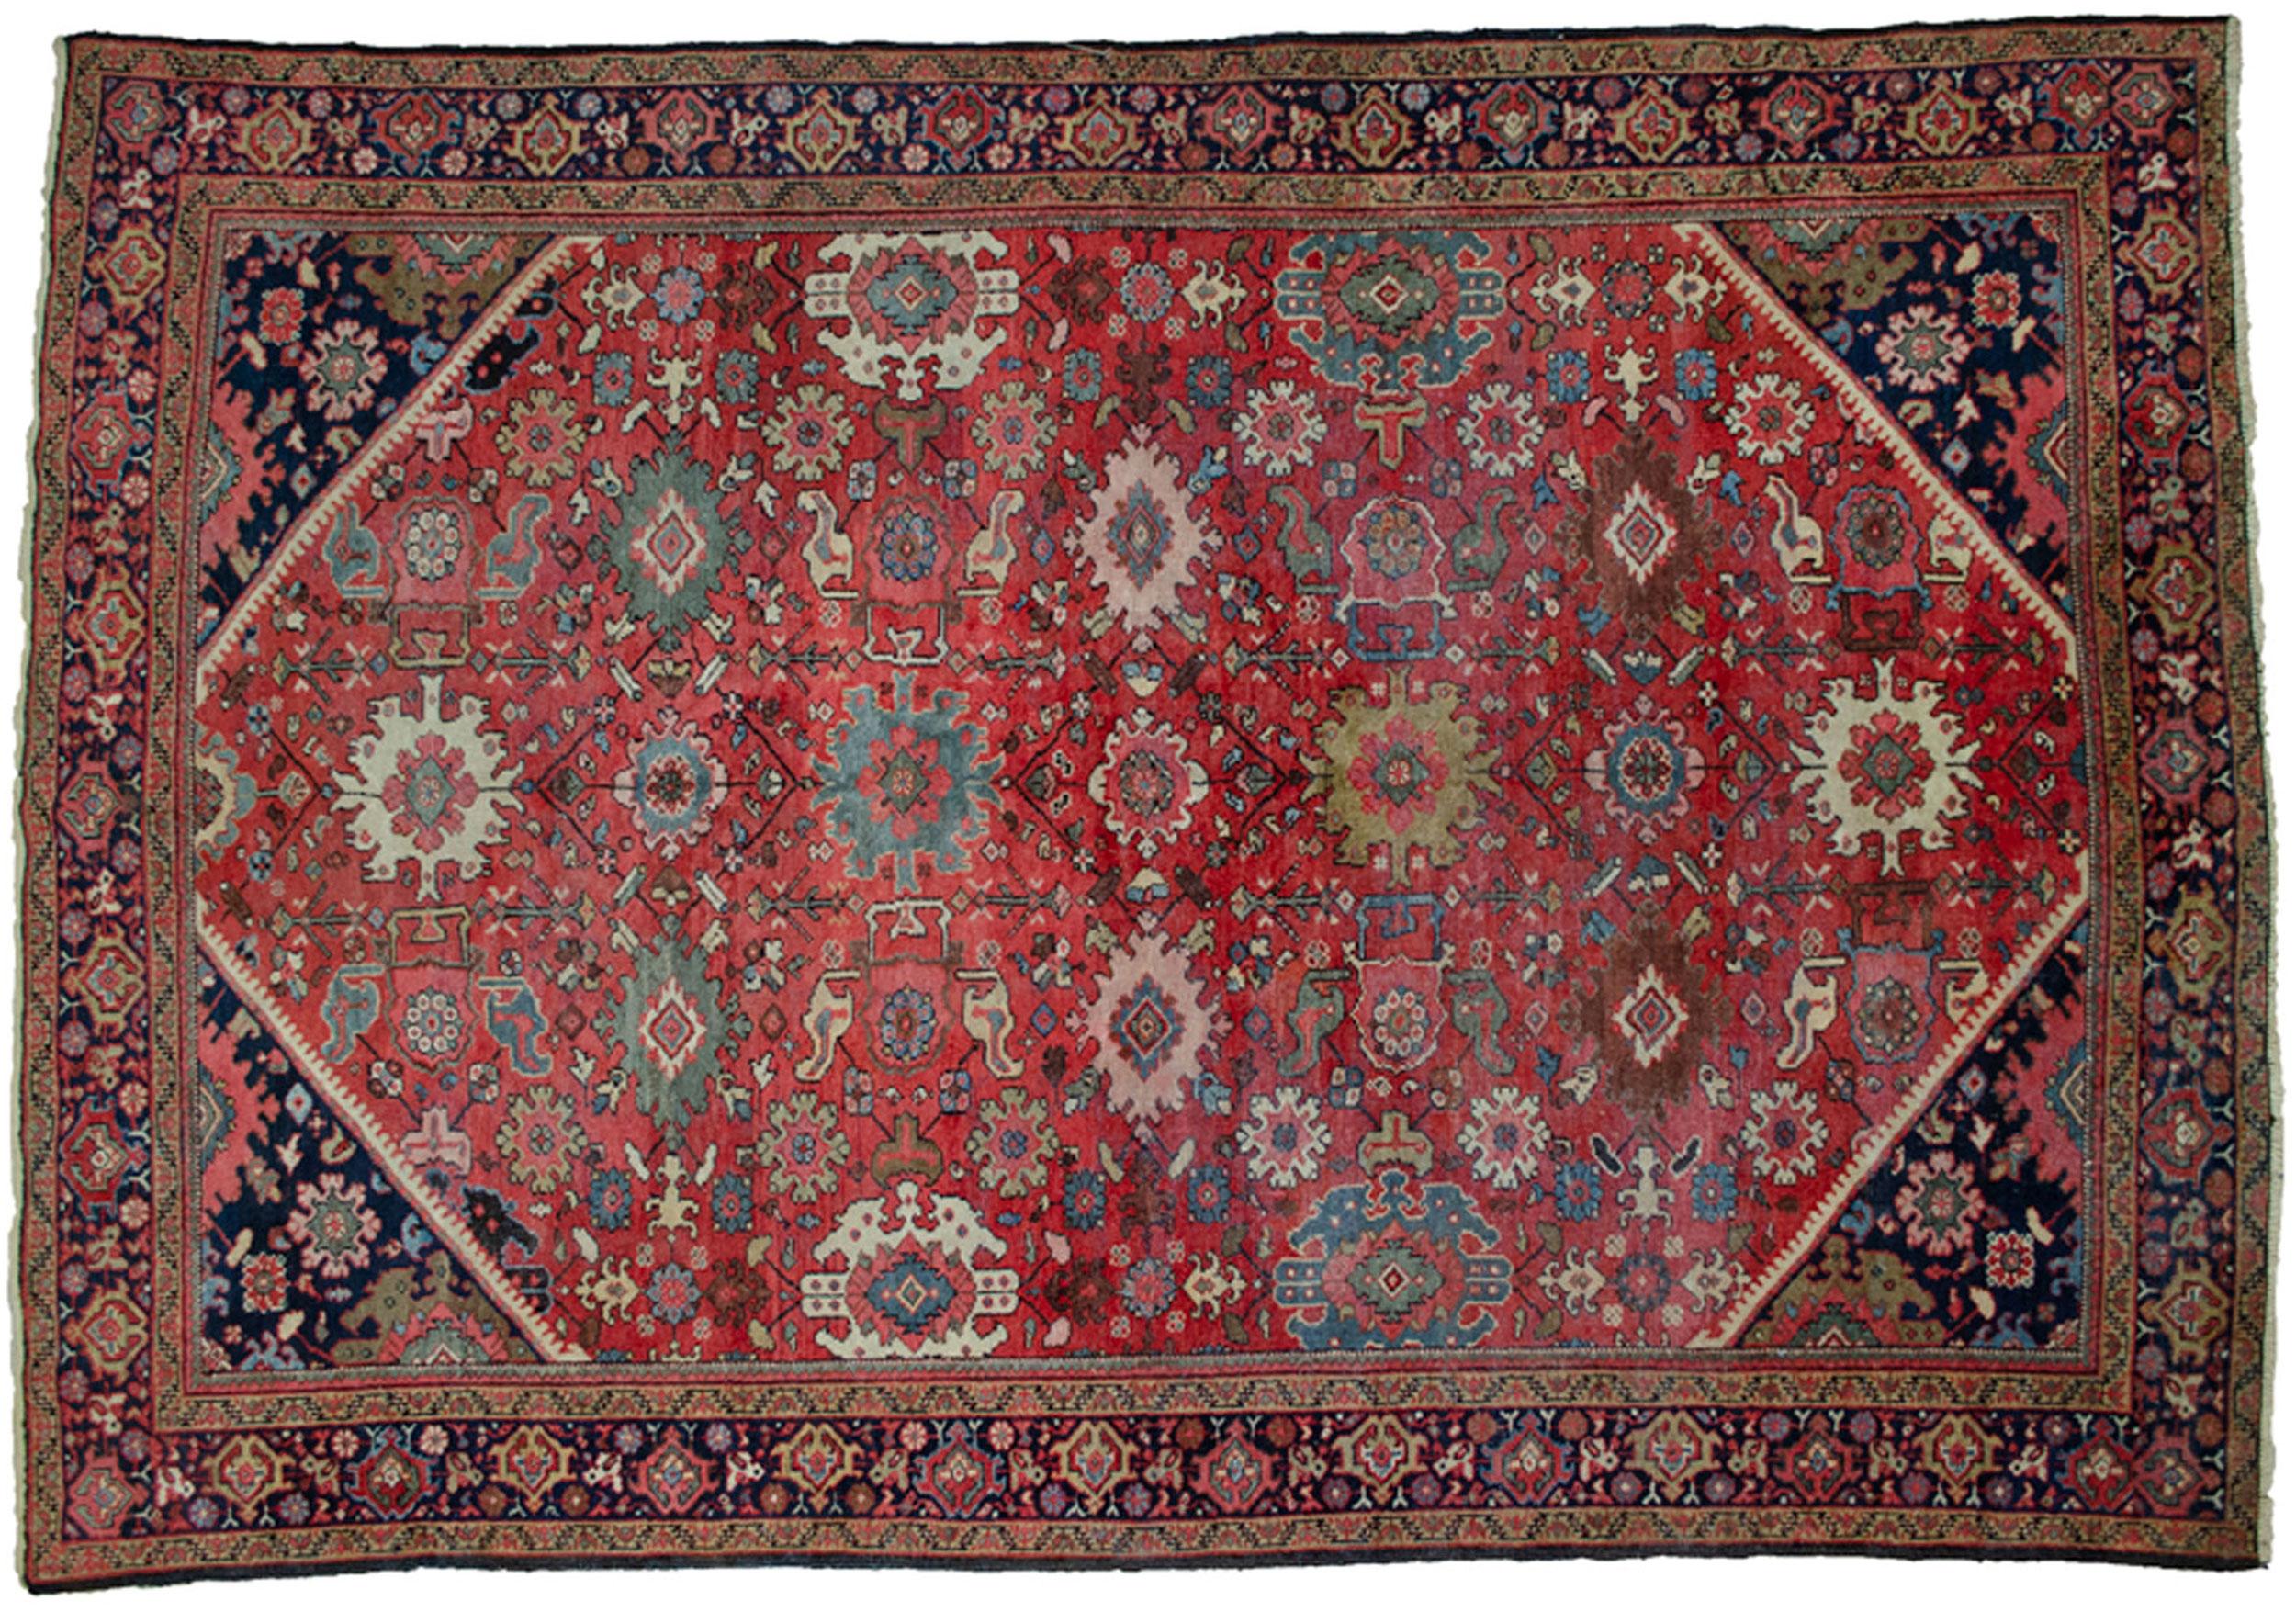 Antique Mahal Carpet 304x213cm